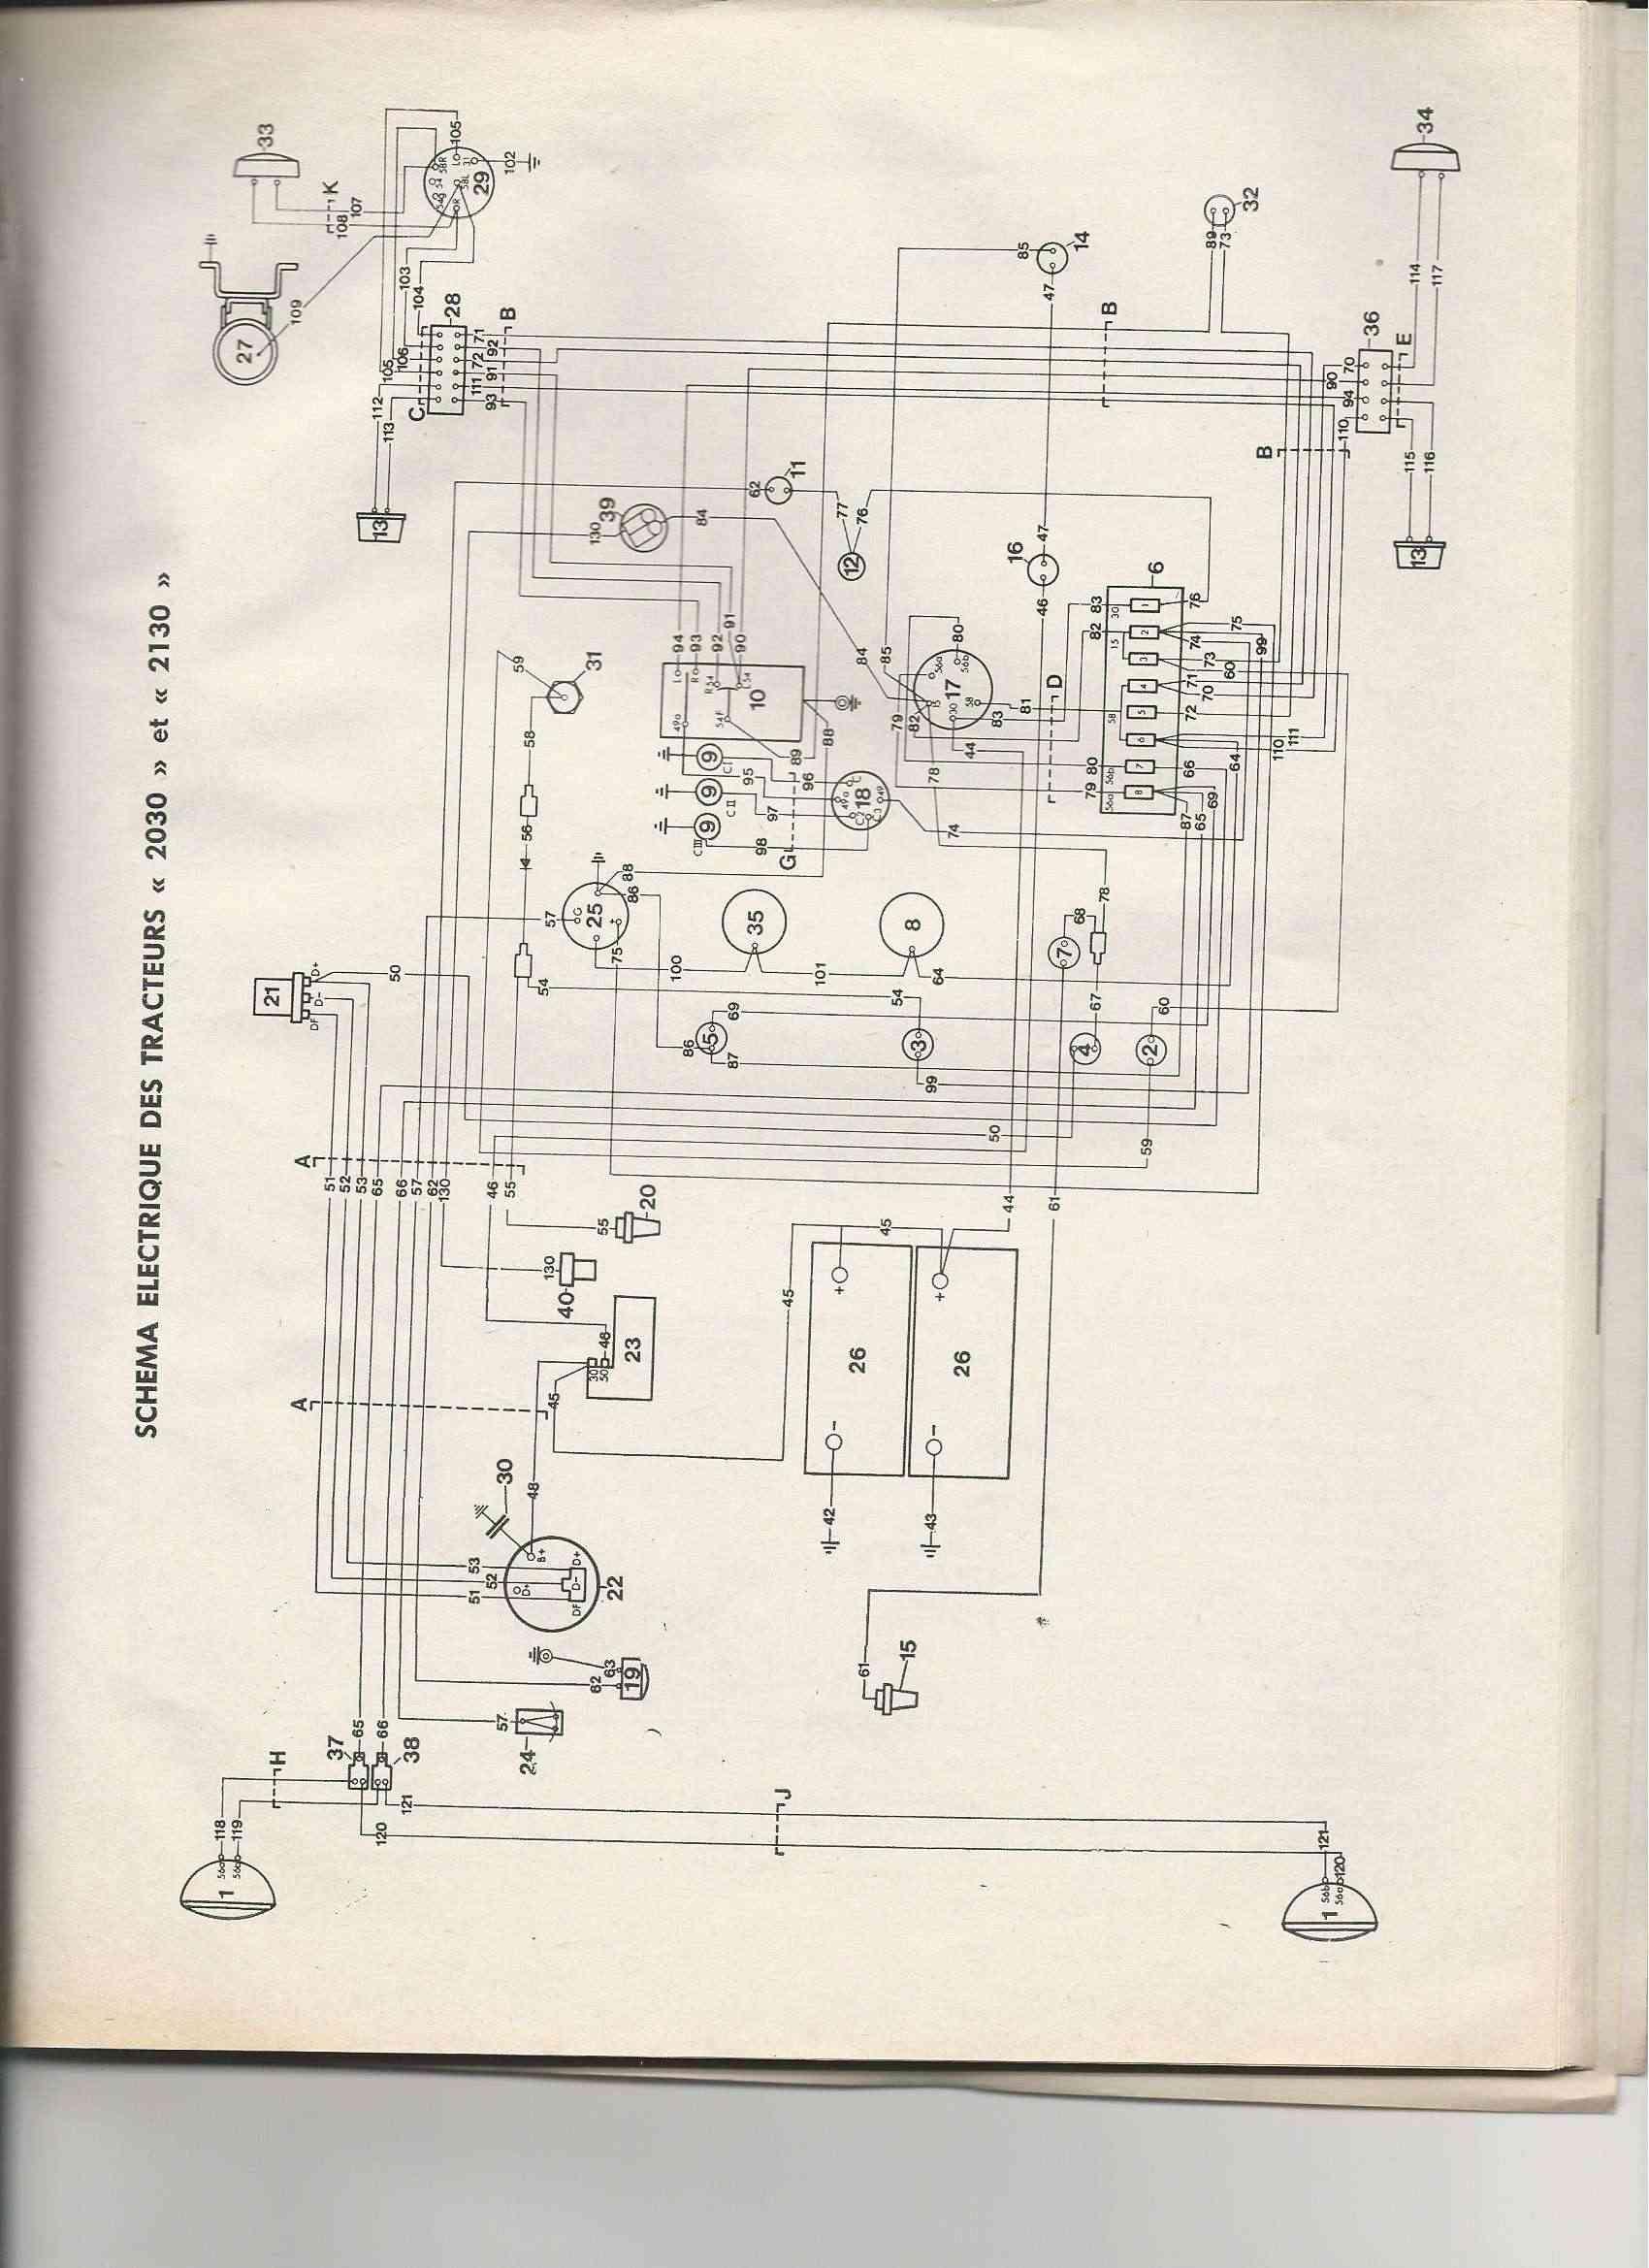 je cherche le schema electrique du 2030 Cma210